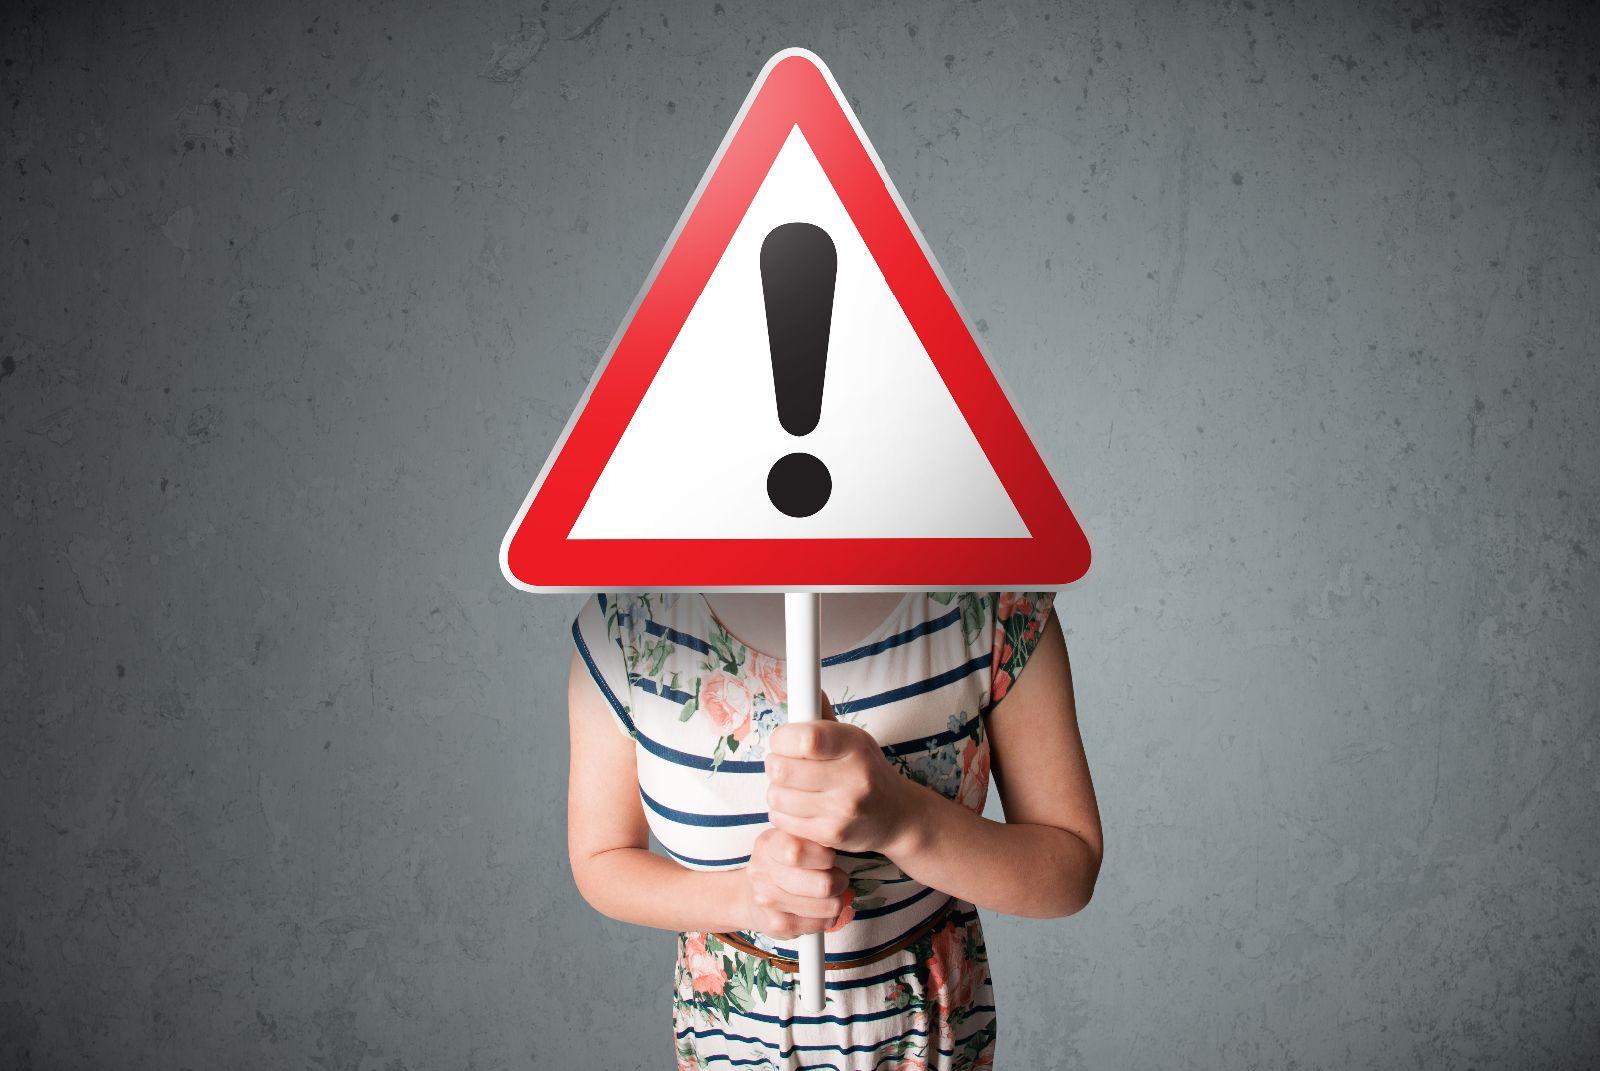 Mujer jóven esconde su rostro detrpas de un anuncio que tien un signo de exclamación en la mano